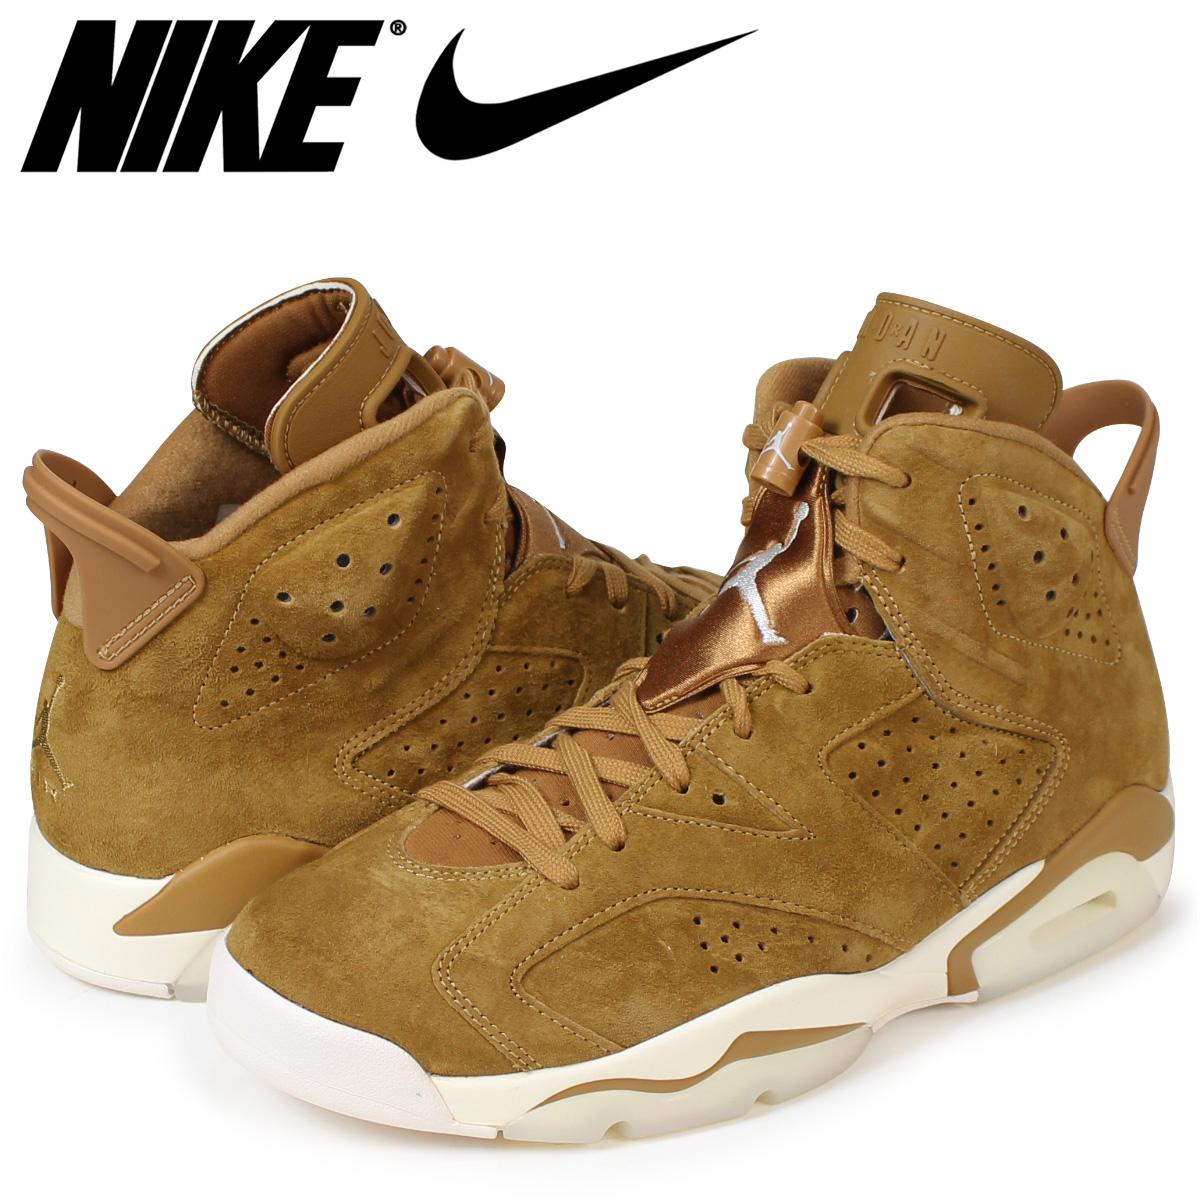 b64af1b6833963 NIKE AIR JORDAN 6 RETRO WHEAT Nike Air Jordan 6 nostalgic sneakers men brown  384